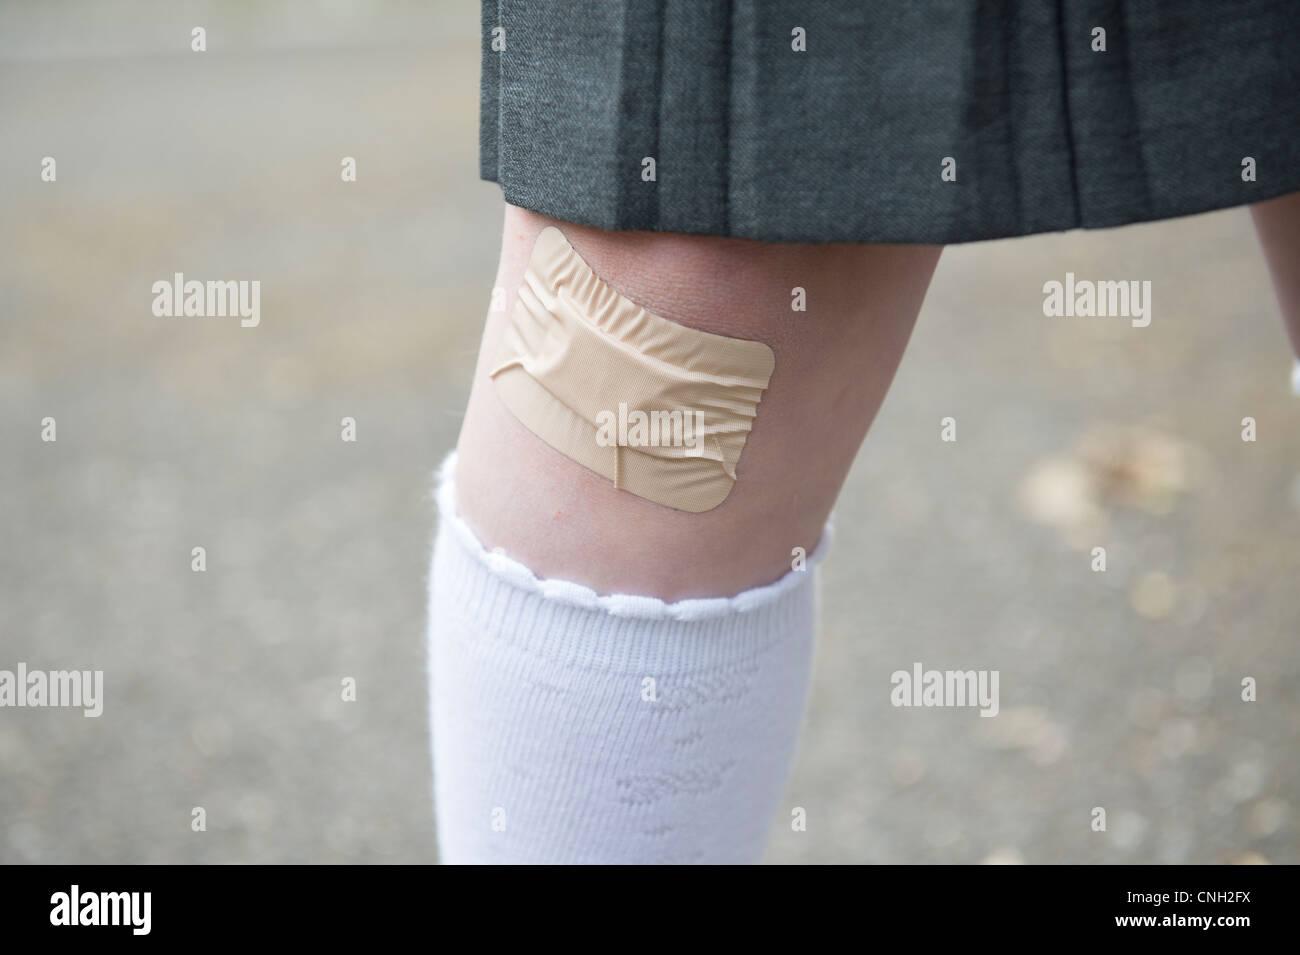 Schulmädchen Knie mit einem Heftpflaster über einen Schnitt. Stockfoto